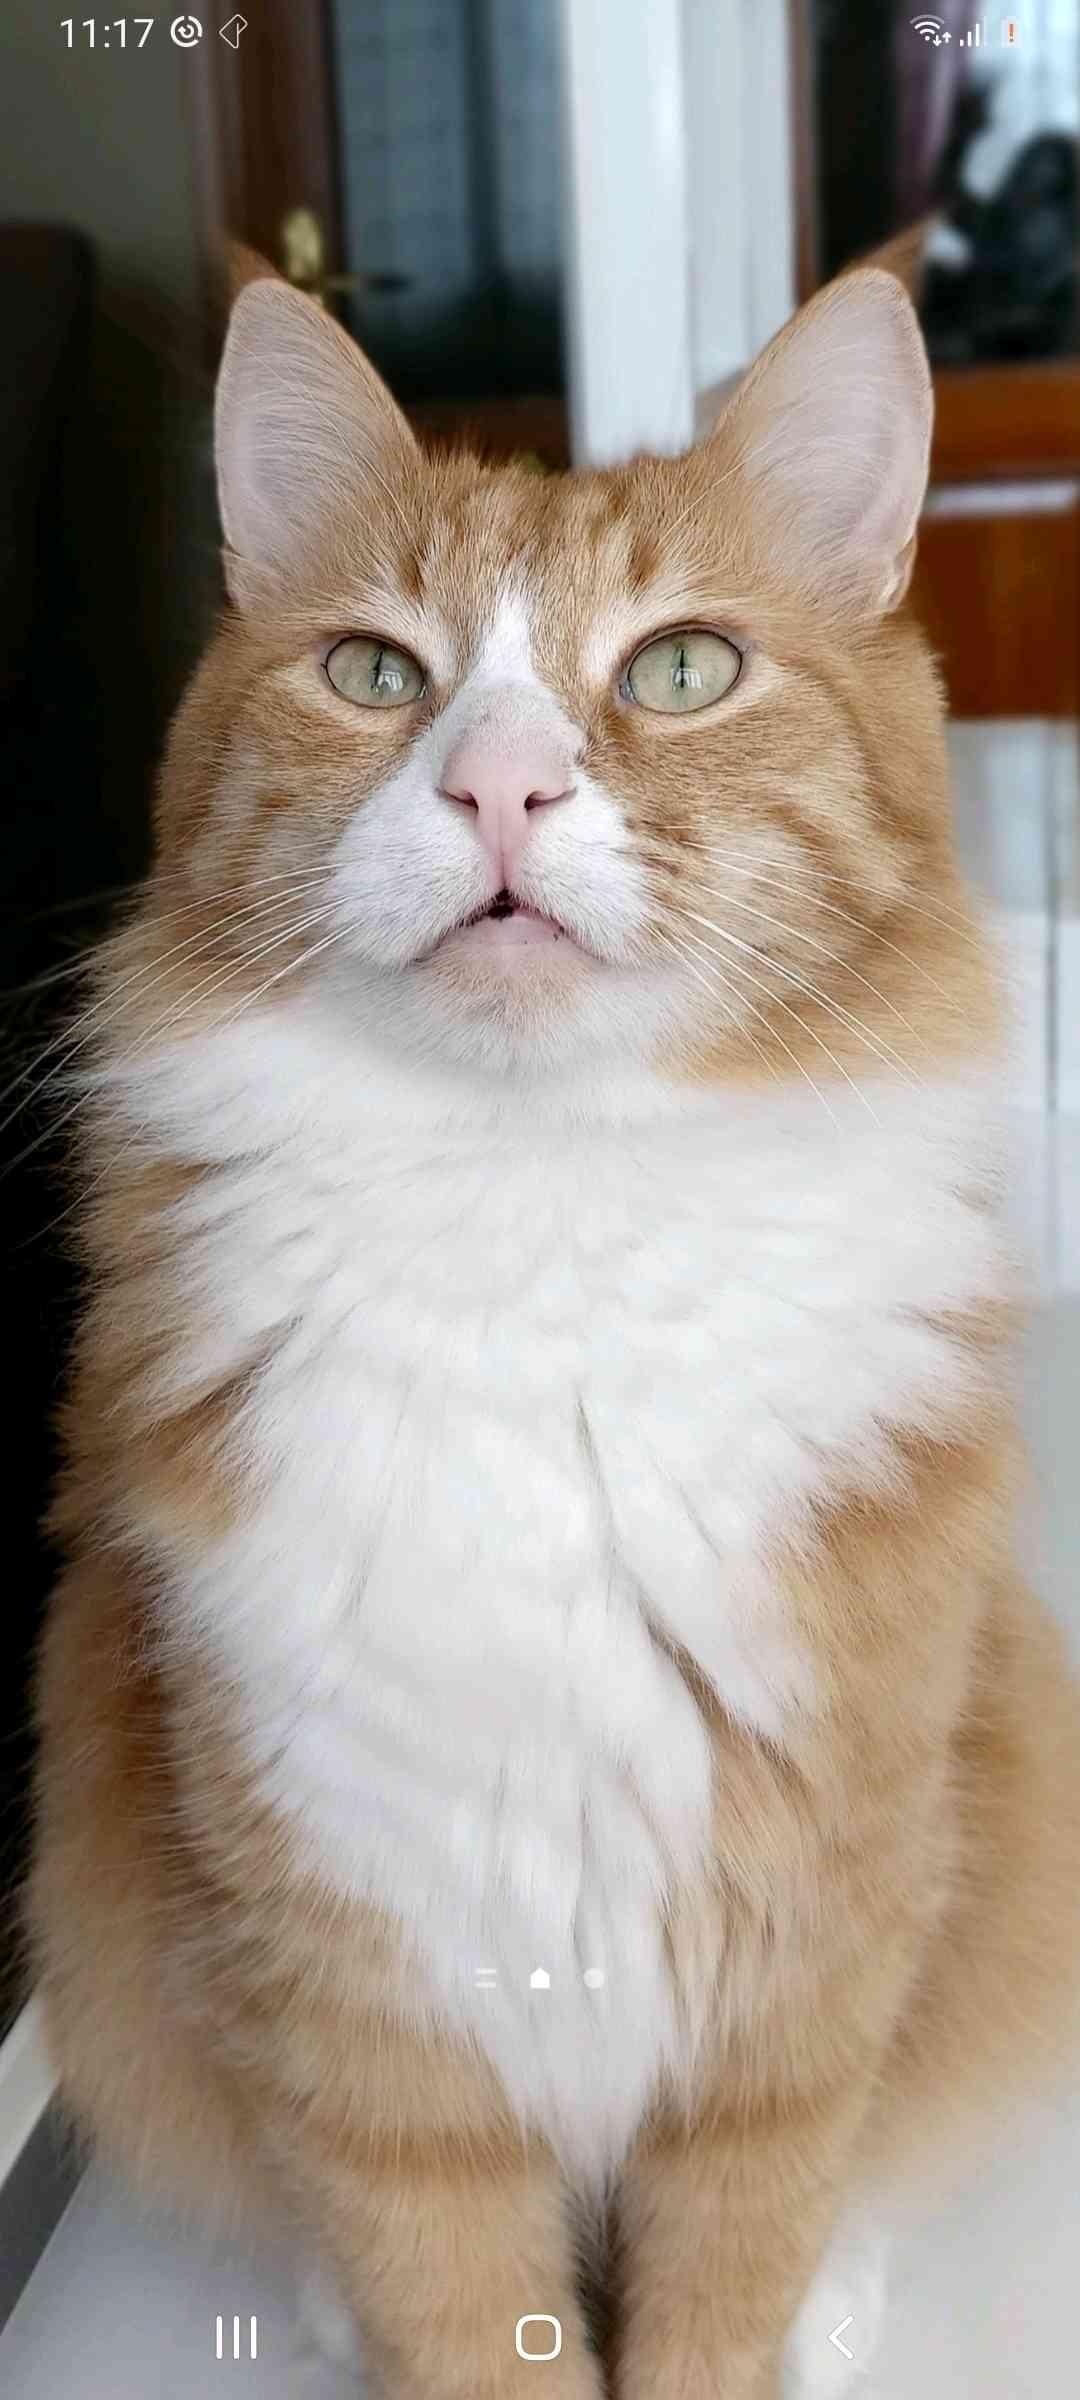 Bahçelievler badem kedi